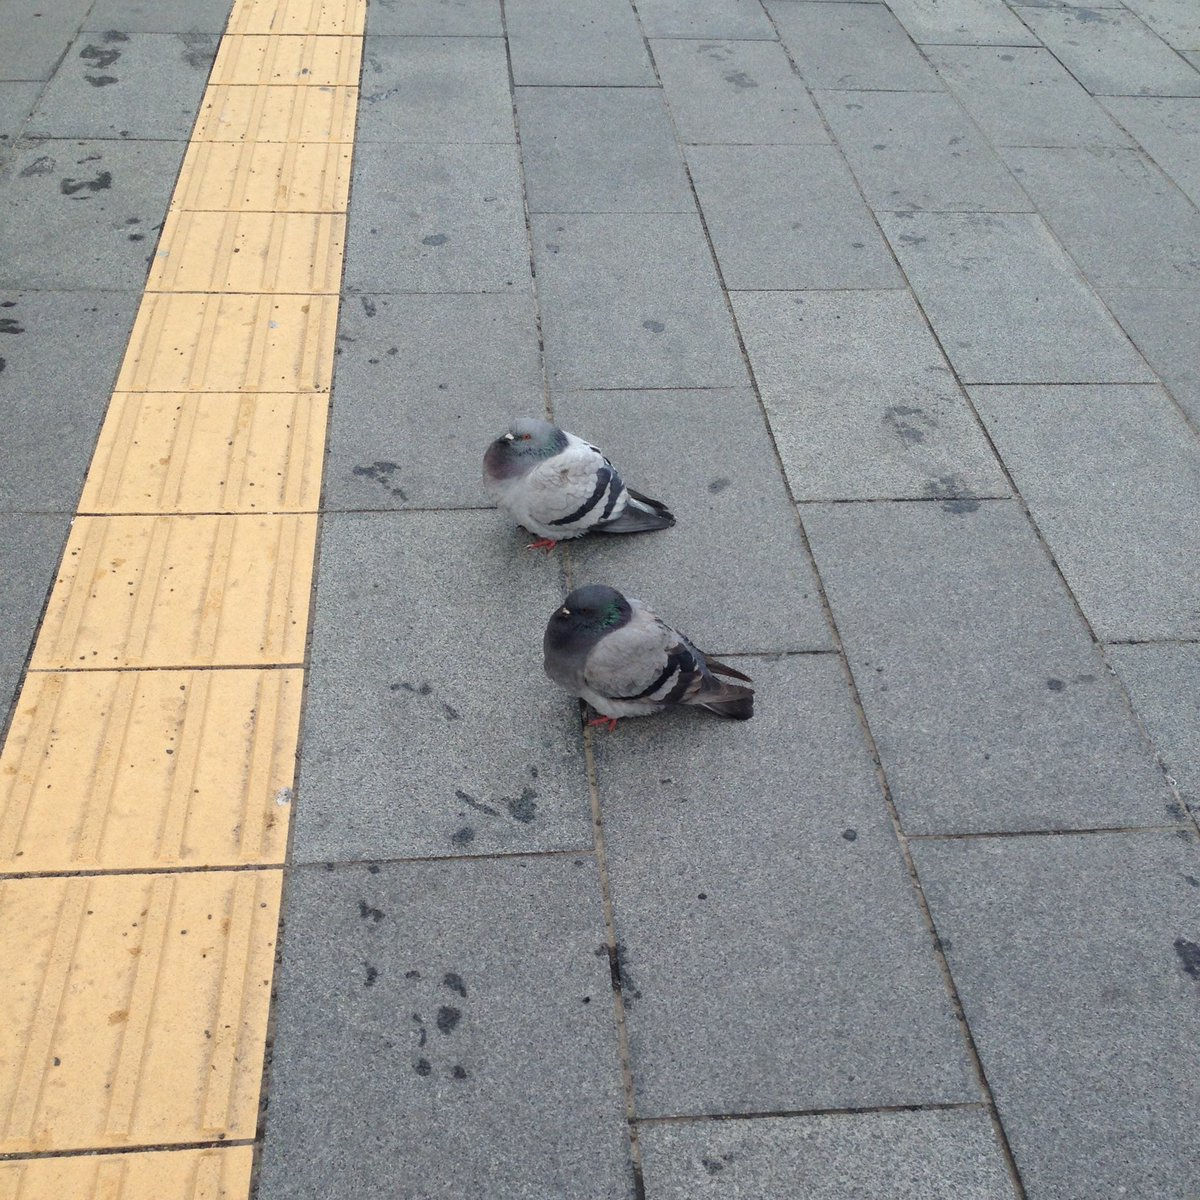 札幌の鳩さん寒さゆえふっくふくでかわいい https://t.co/cAsVxs66X8